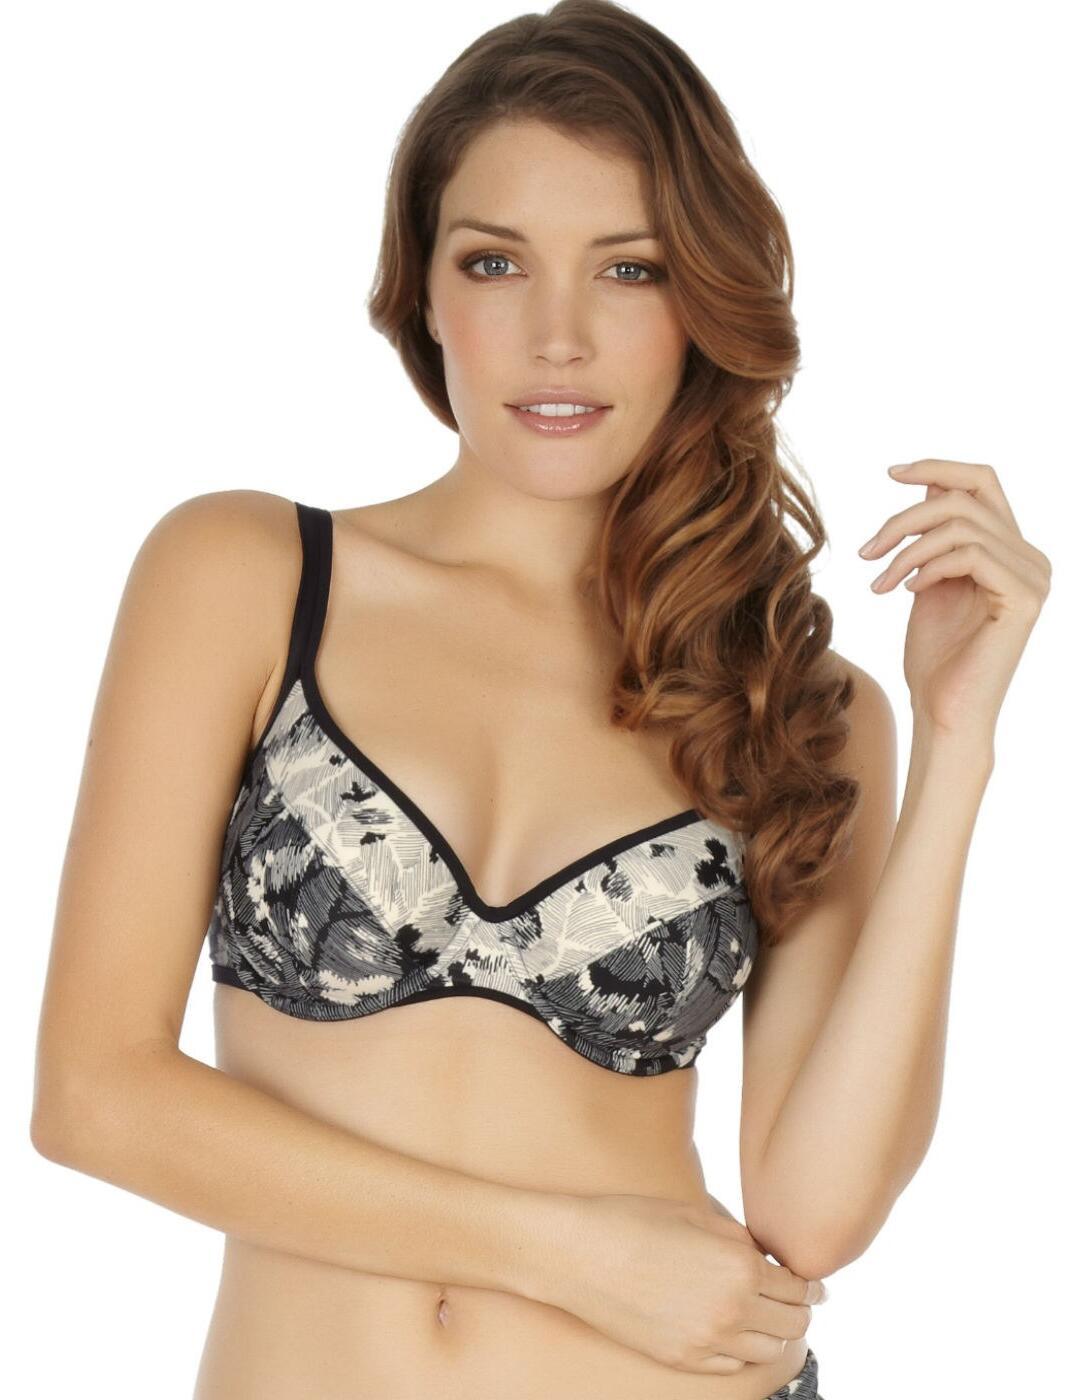 SW0802 Panache Erica Balcony Bikini Top - SW0802 Black/Ivory